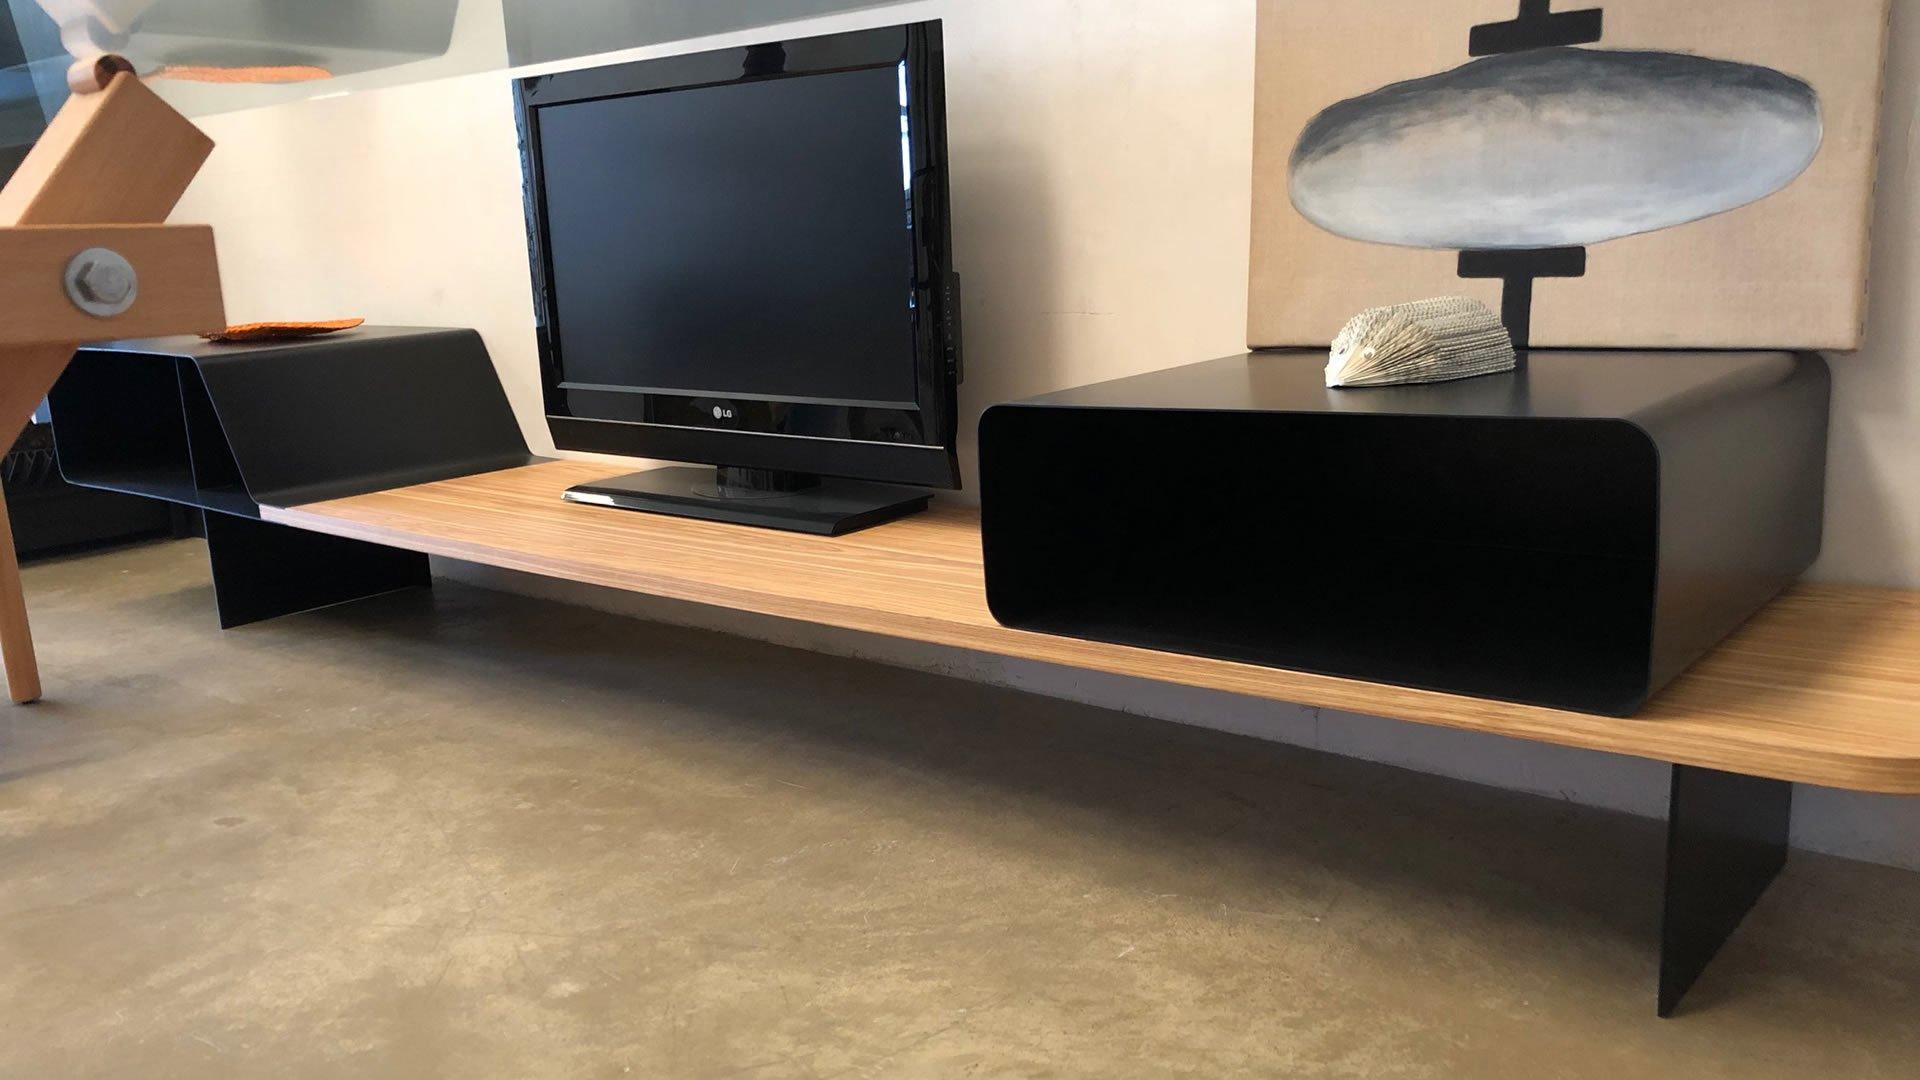 Mueble AGV como mueble de televisor